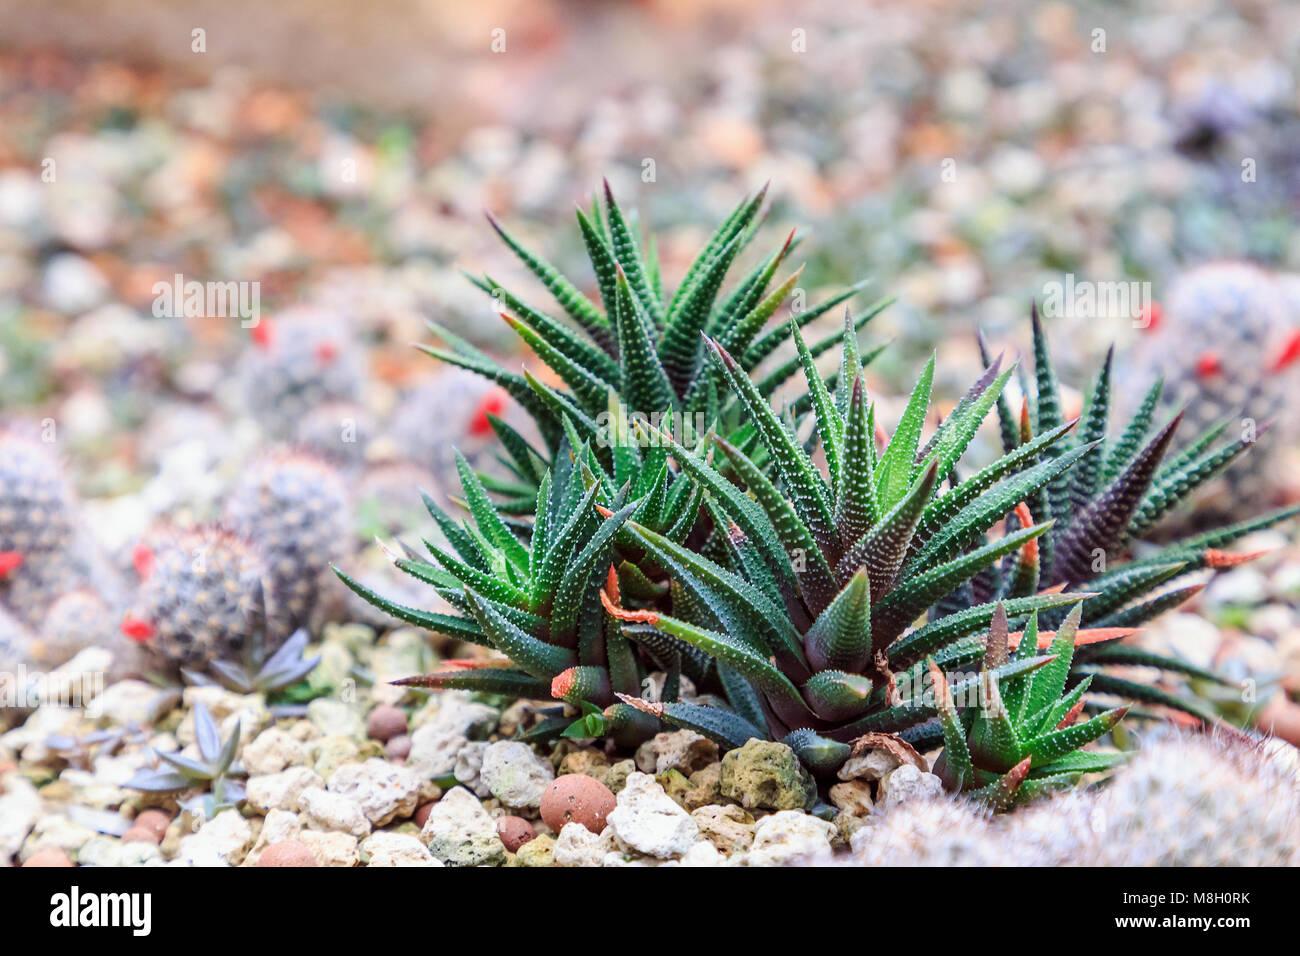 Suculentas o cactus en el jard n bot nico del desierto con - Jardines con cactus y piedras ...